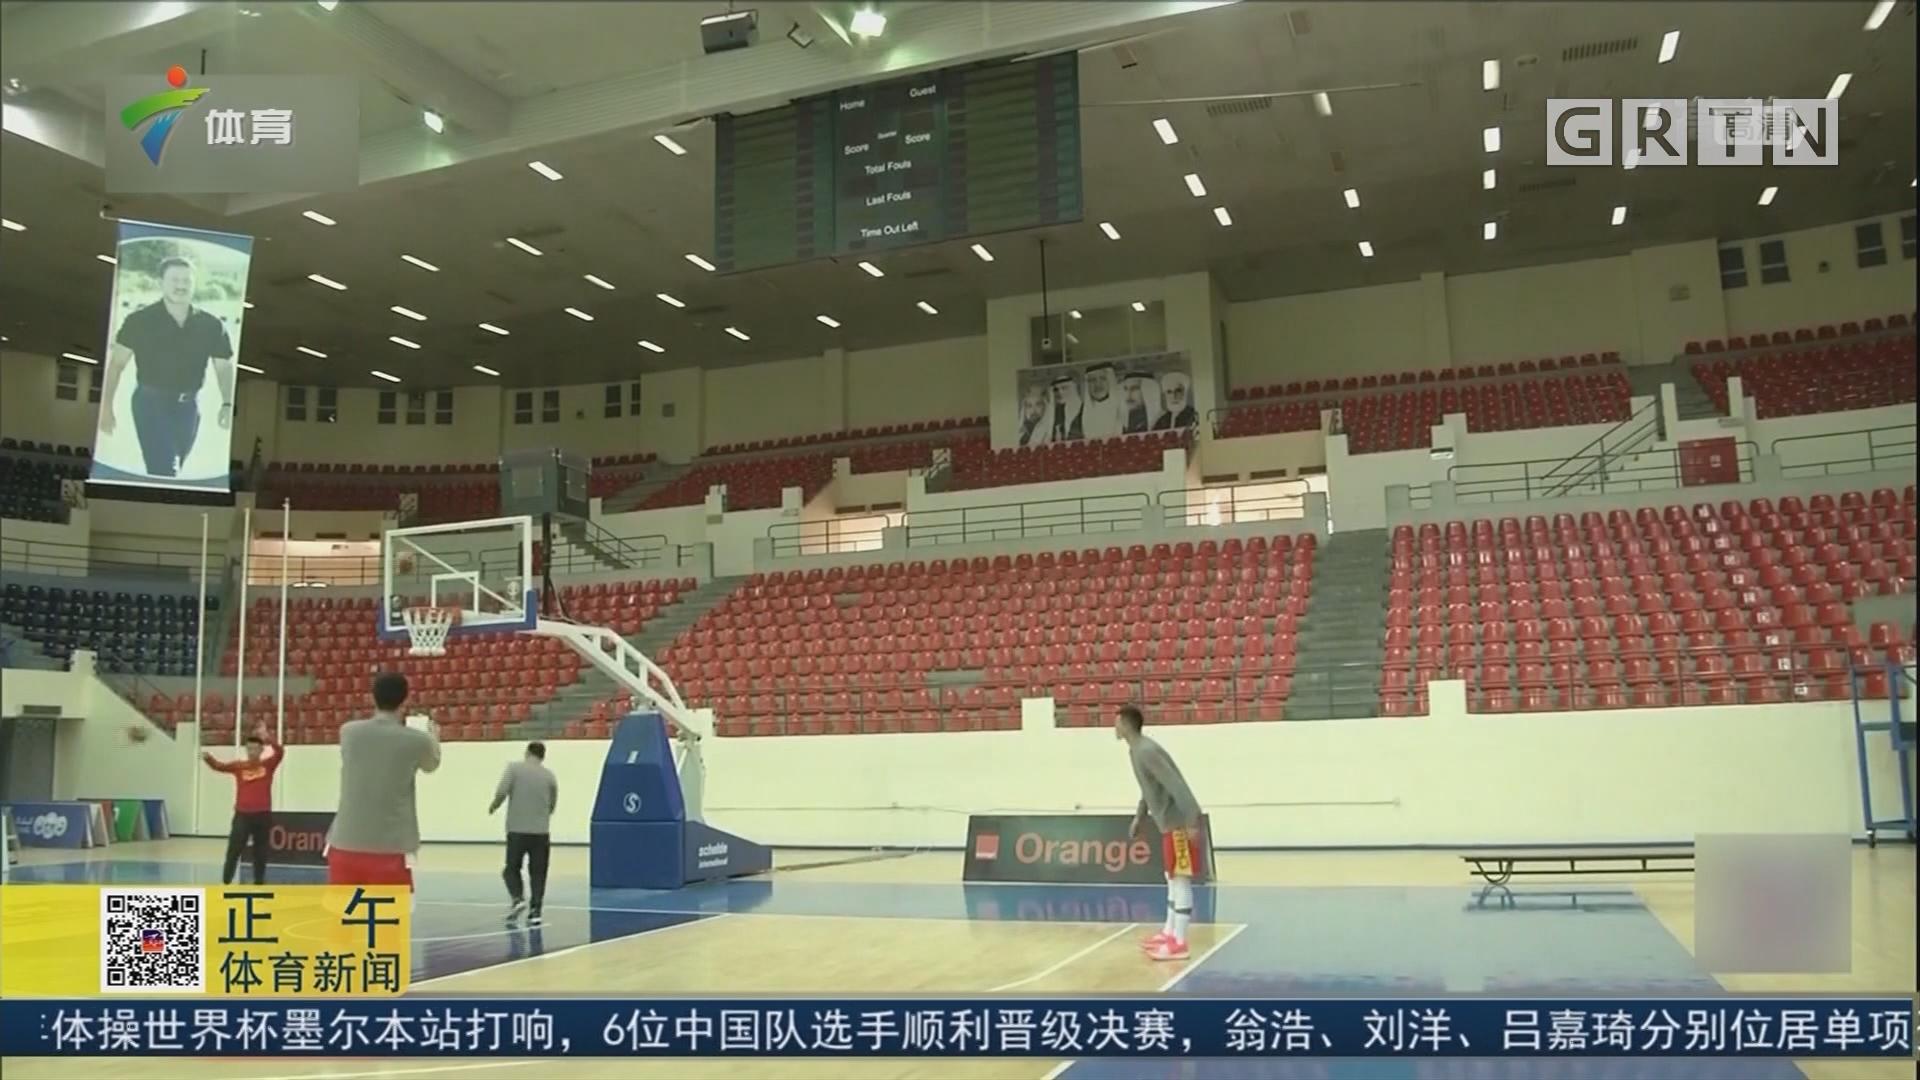 中国男篮比赛场馆首练状态佳